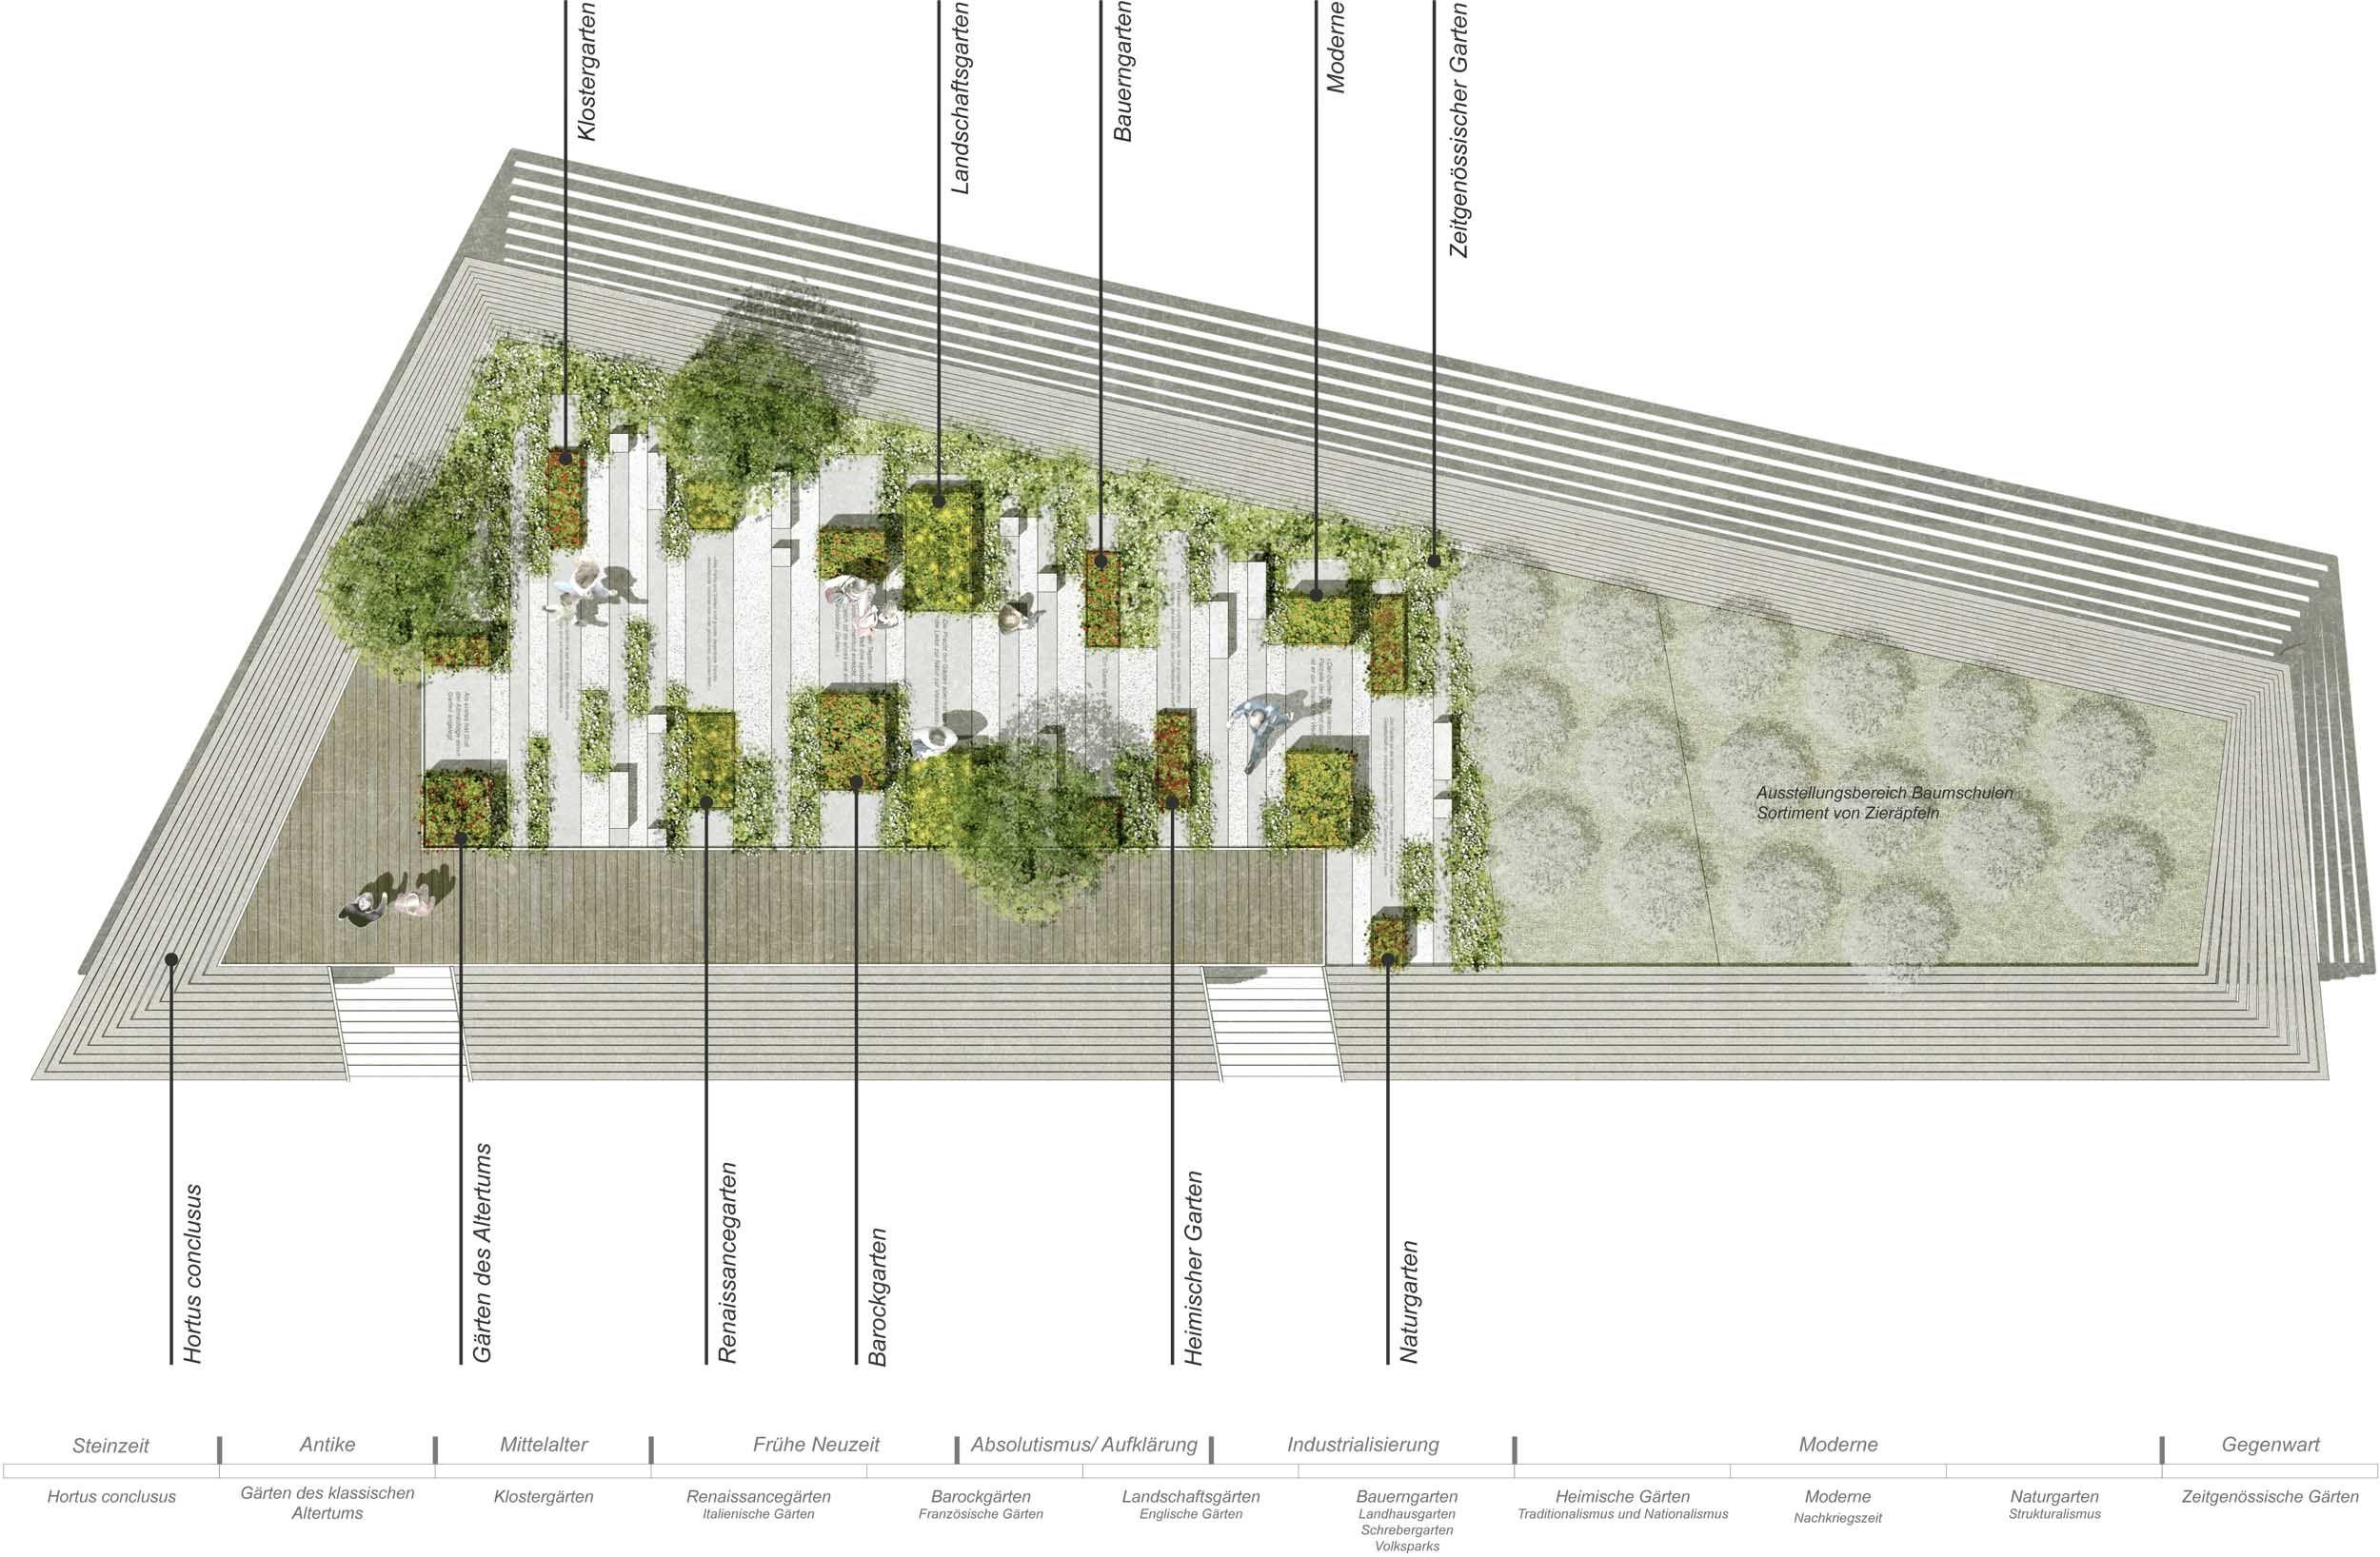 Lageplan | Out - Aménagements publics | Pinterest | Städtebau ...